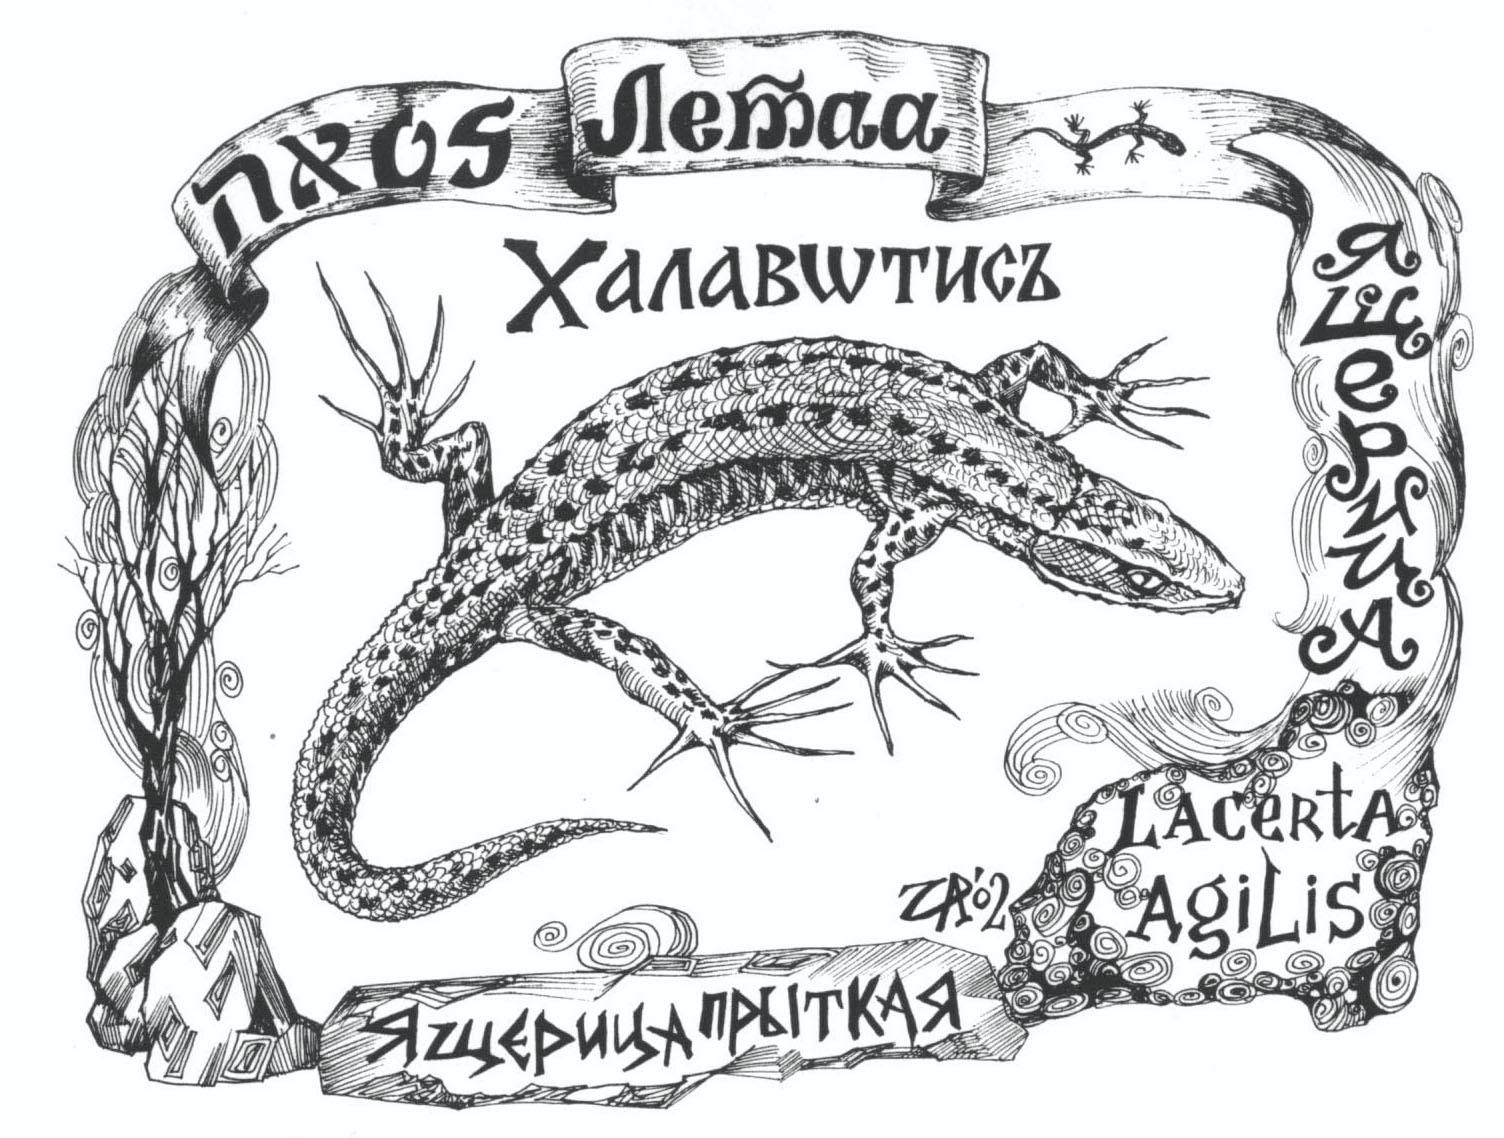 Летаа - ливанская ящерица